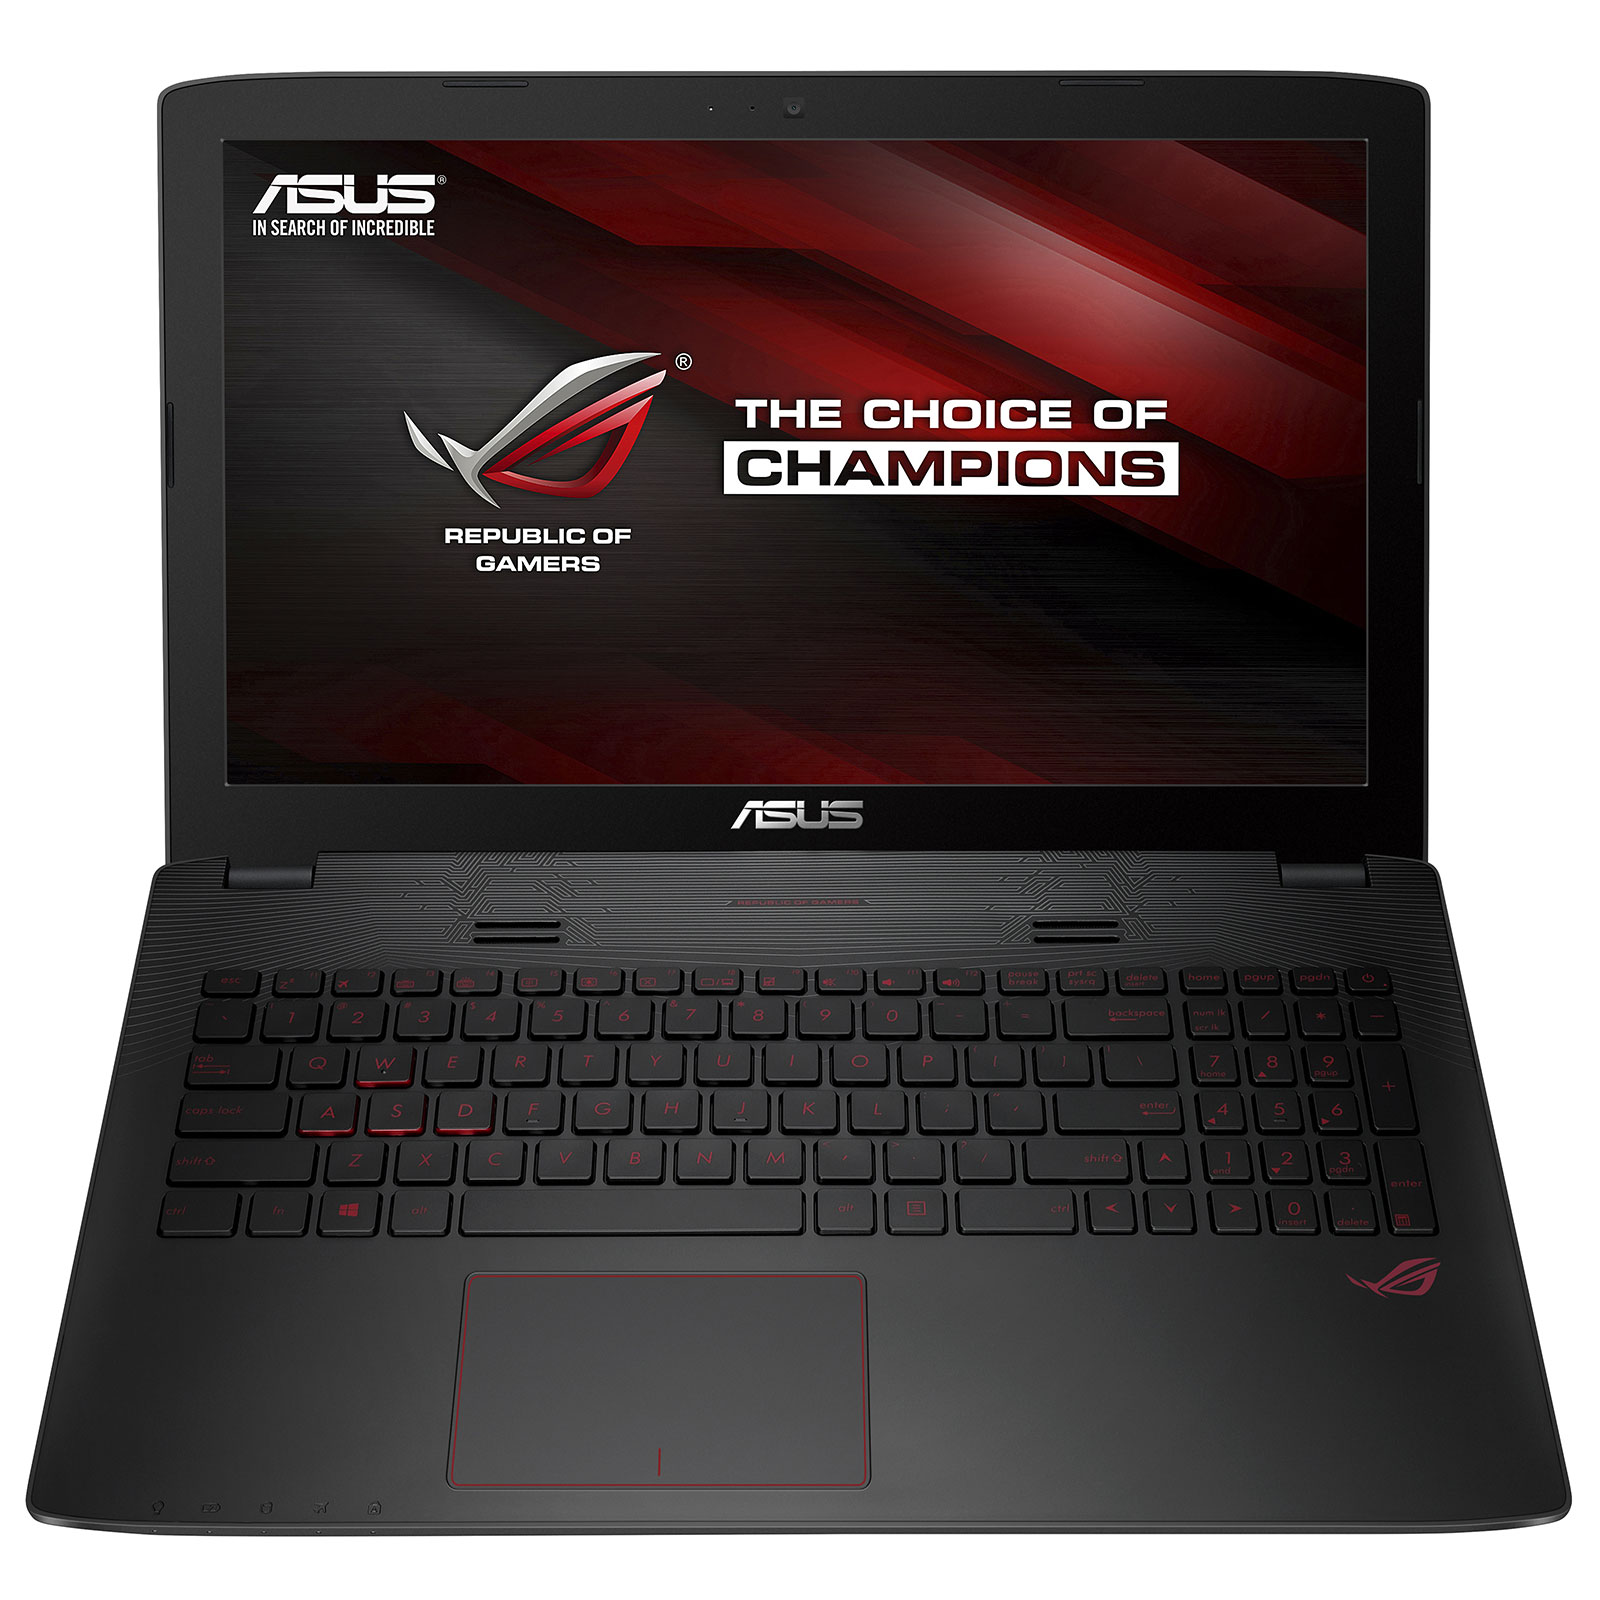 """PC portable ASUS G552VW-DM886T Intel Core i7-6700HQ 8 Go 1 To 15.6"""" LED Full HD NVIDIA GeForce GTX 960M Graveur DVD Wi-Fi AC/Bluetooth Webcam Windows 10 Famille 64 bits (garantie constructeur 2 ans)"""